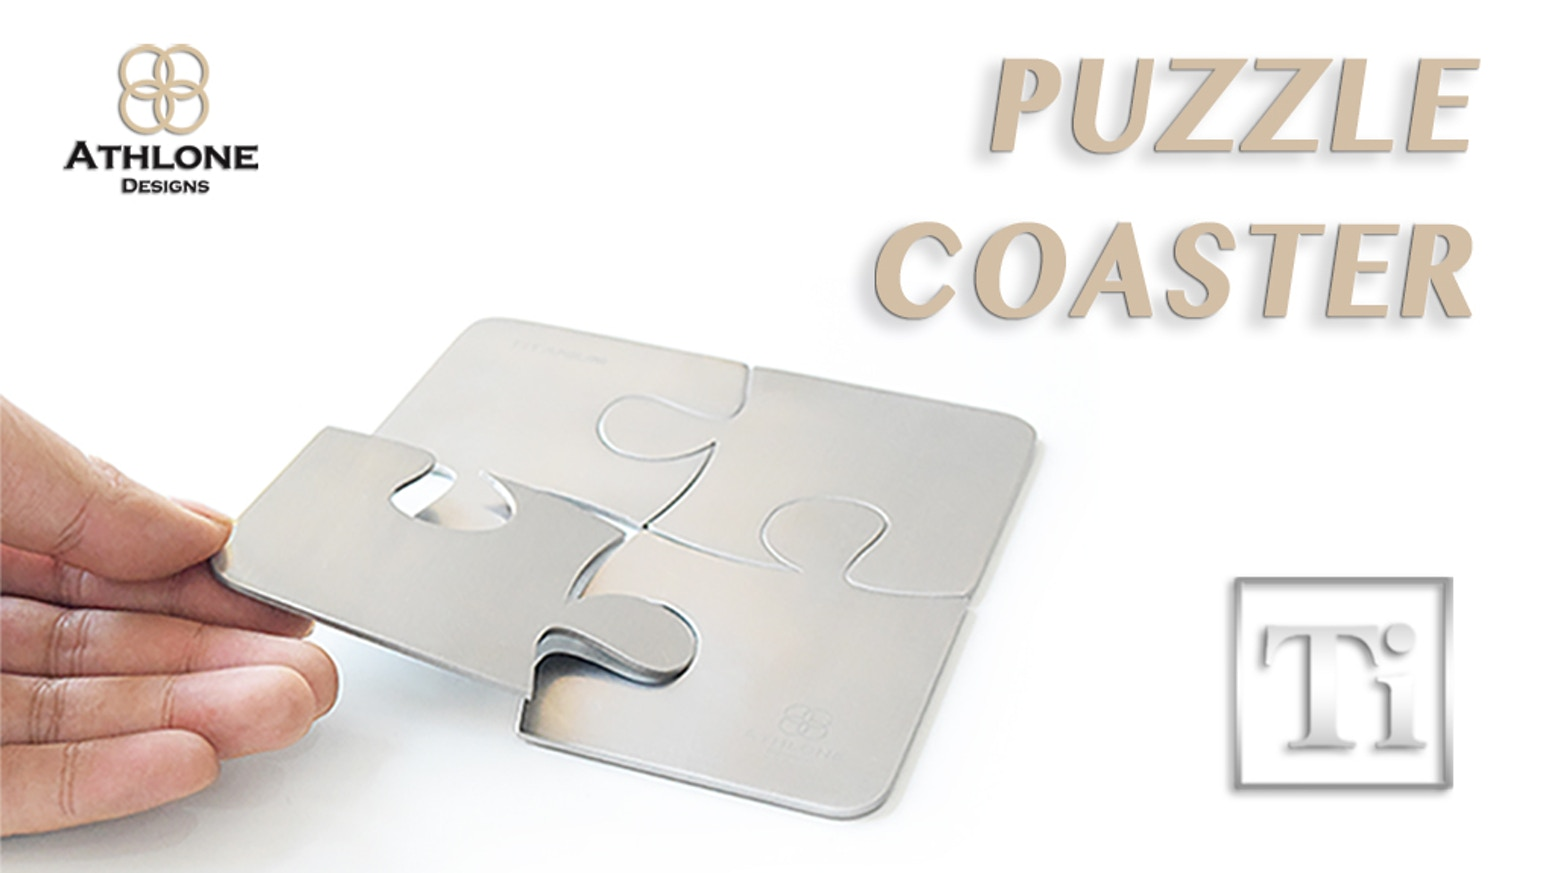 Titanium Puzzle Set: Coaster + Bottle opener by Athlone